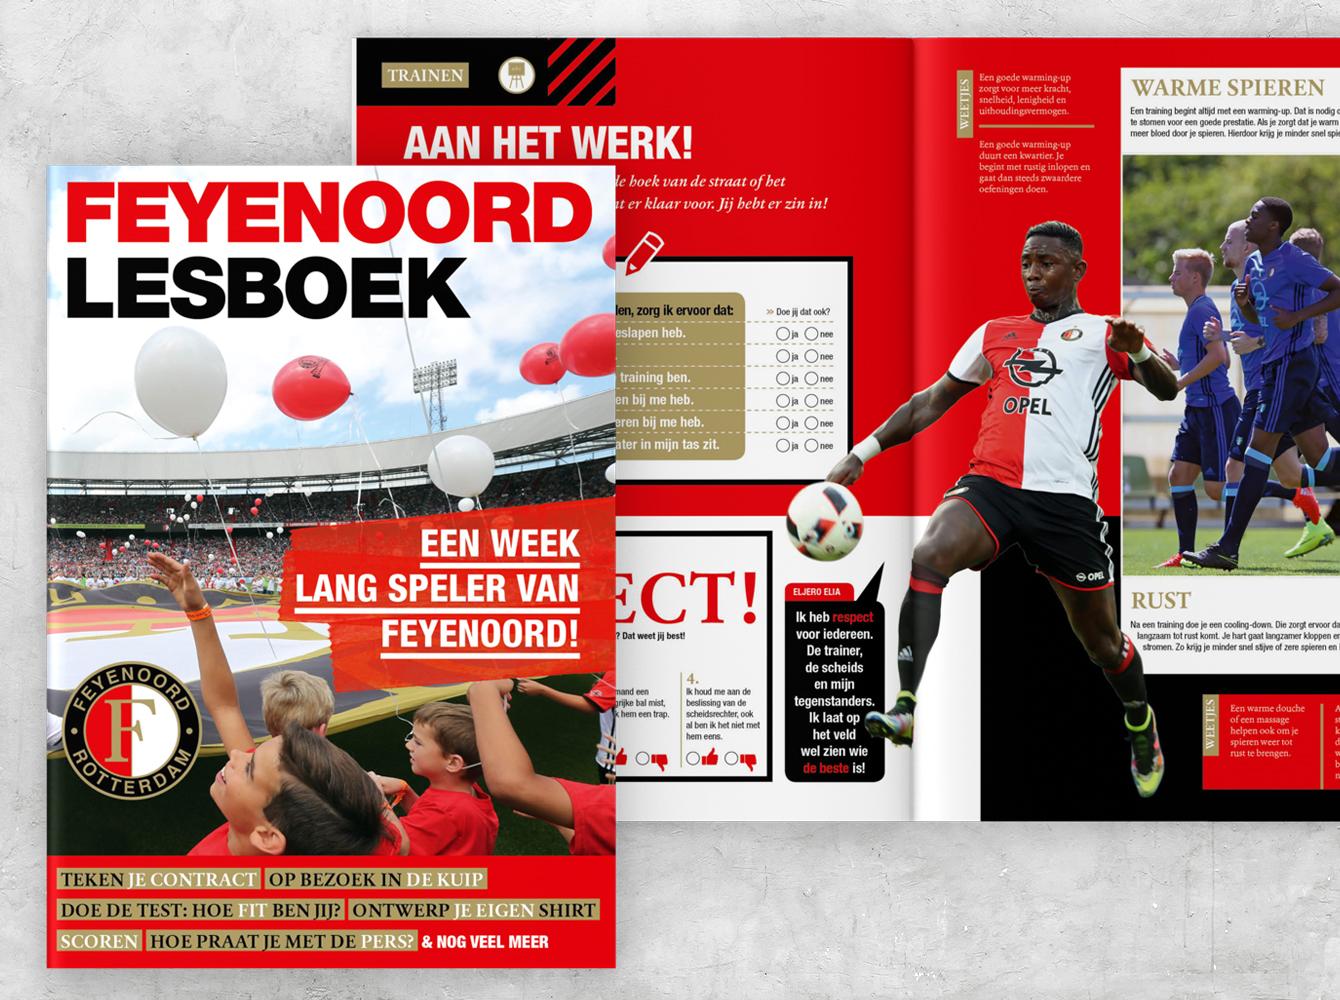 Feyenoord lesboek